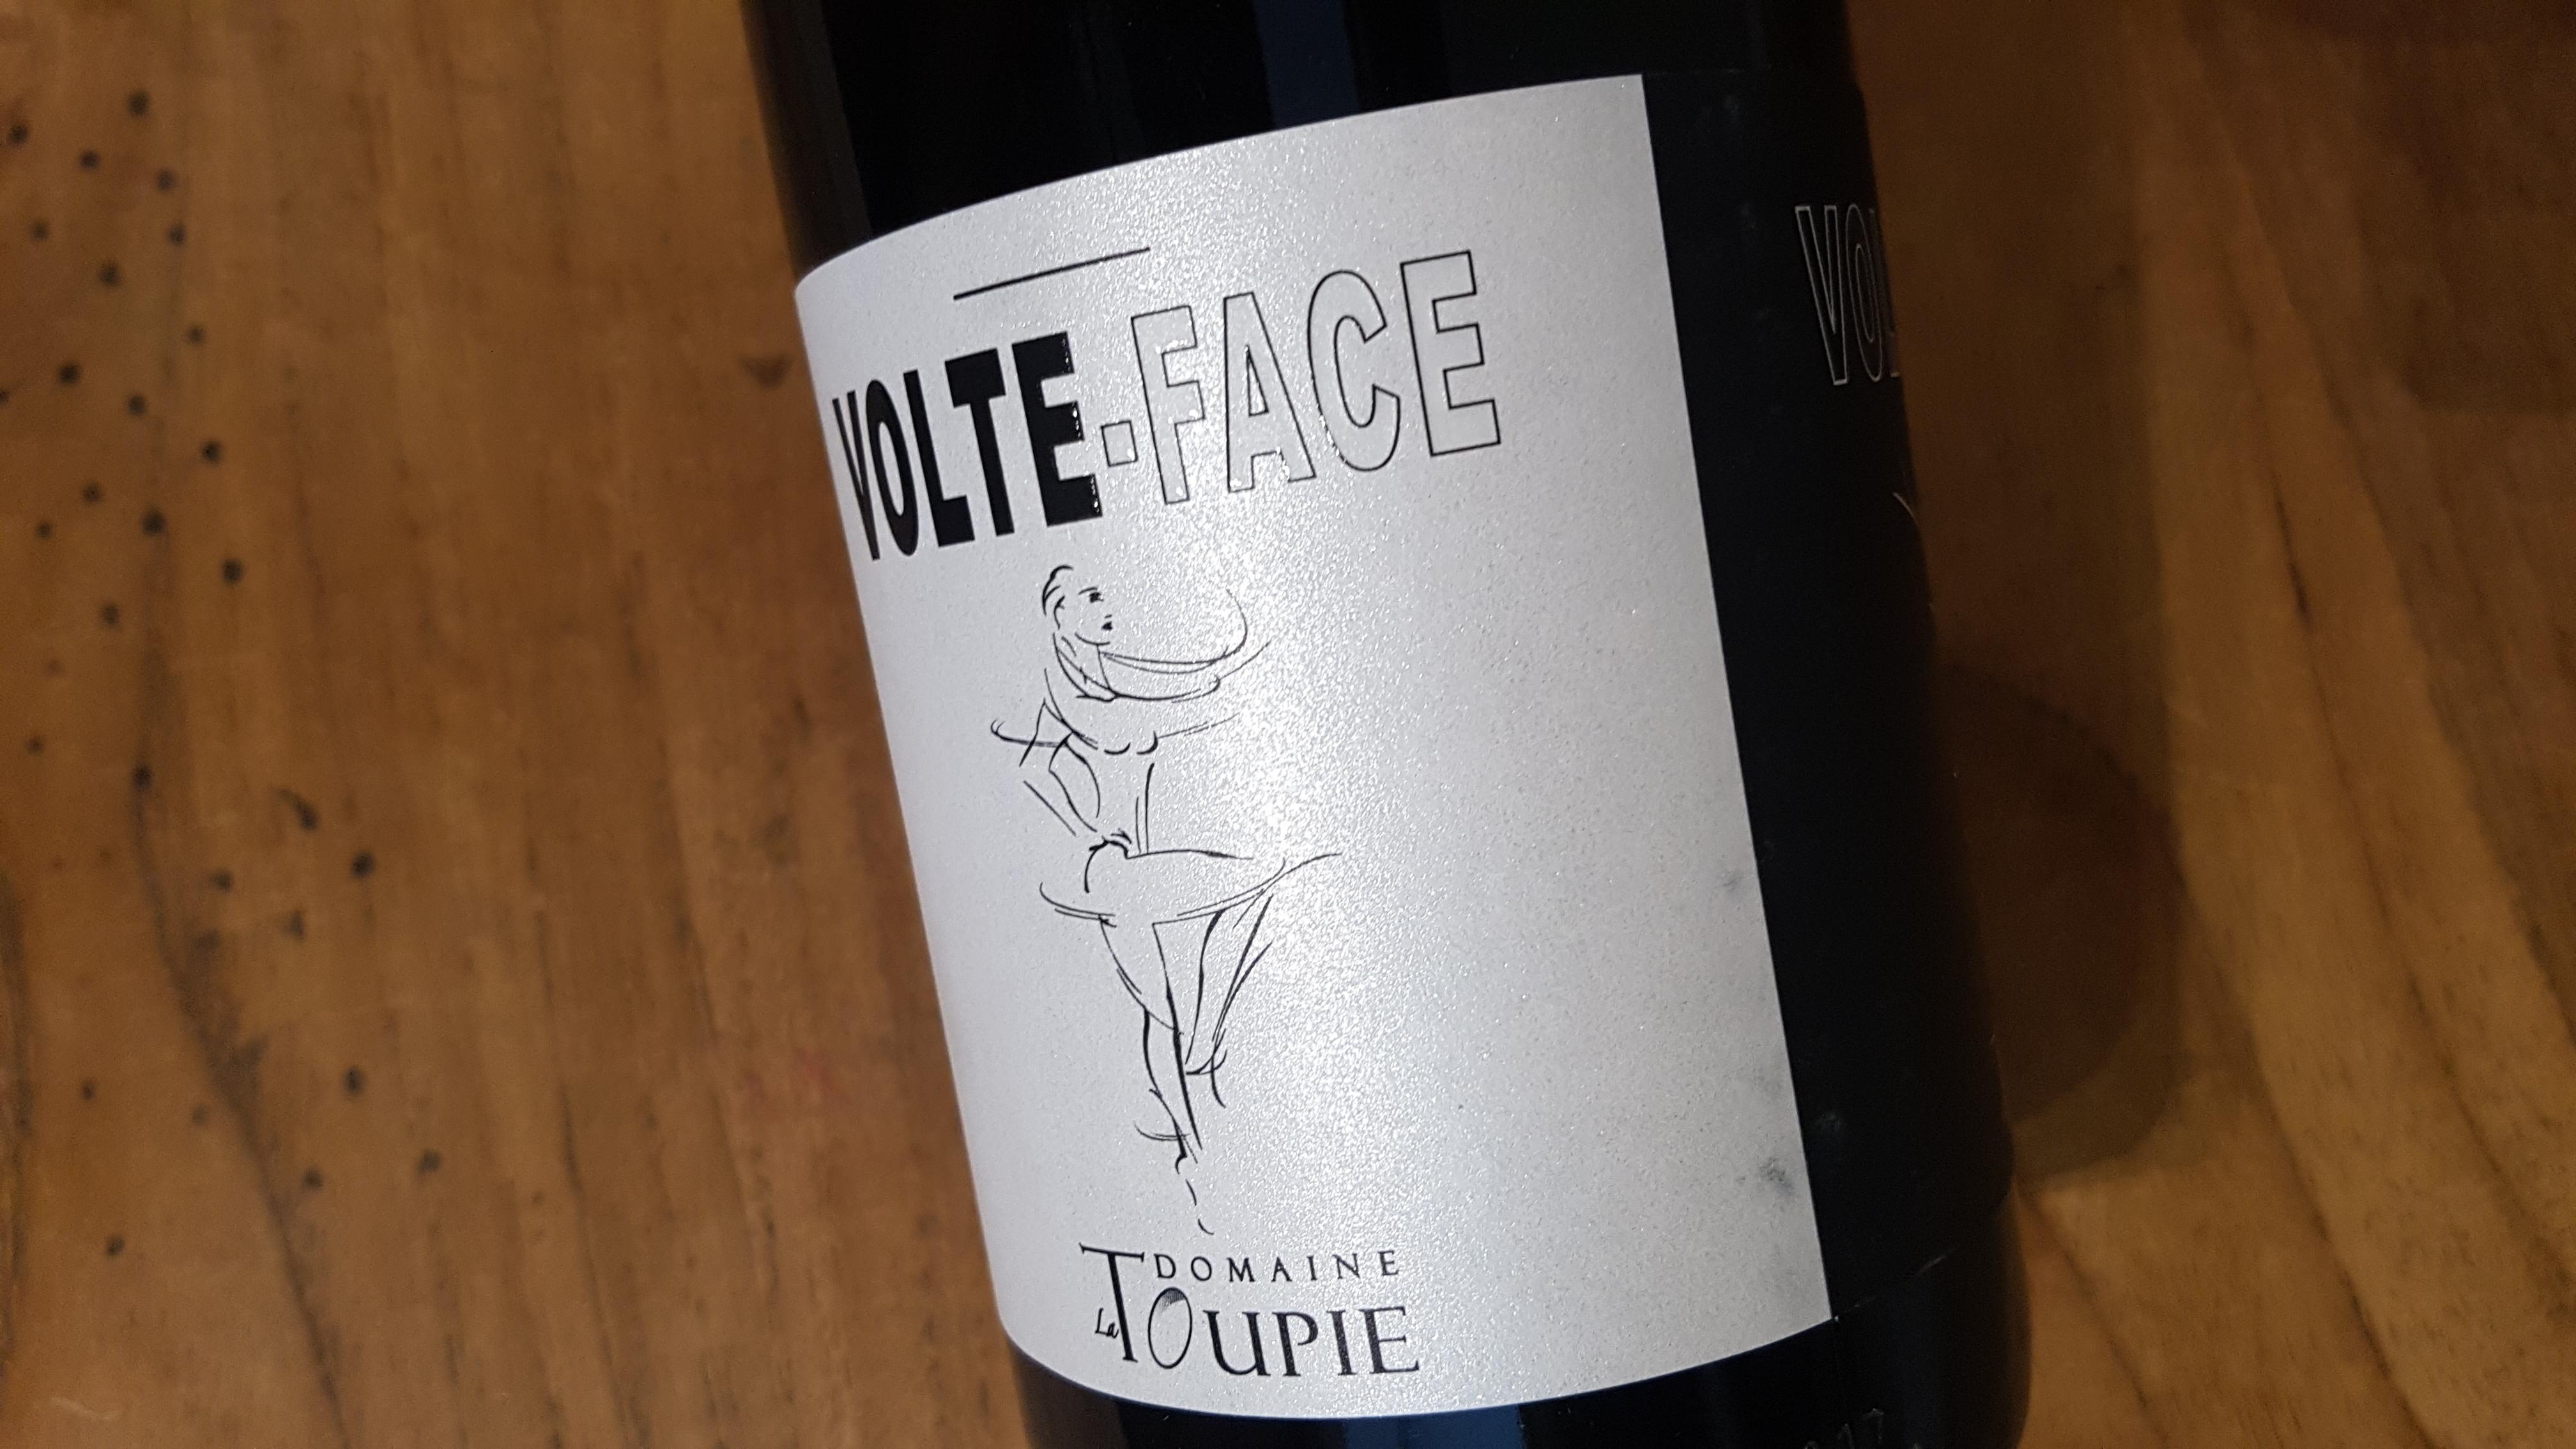 Domaine La Toupie Volte Face 2016 – Côtes-du-roussillon-villages